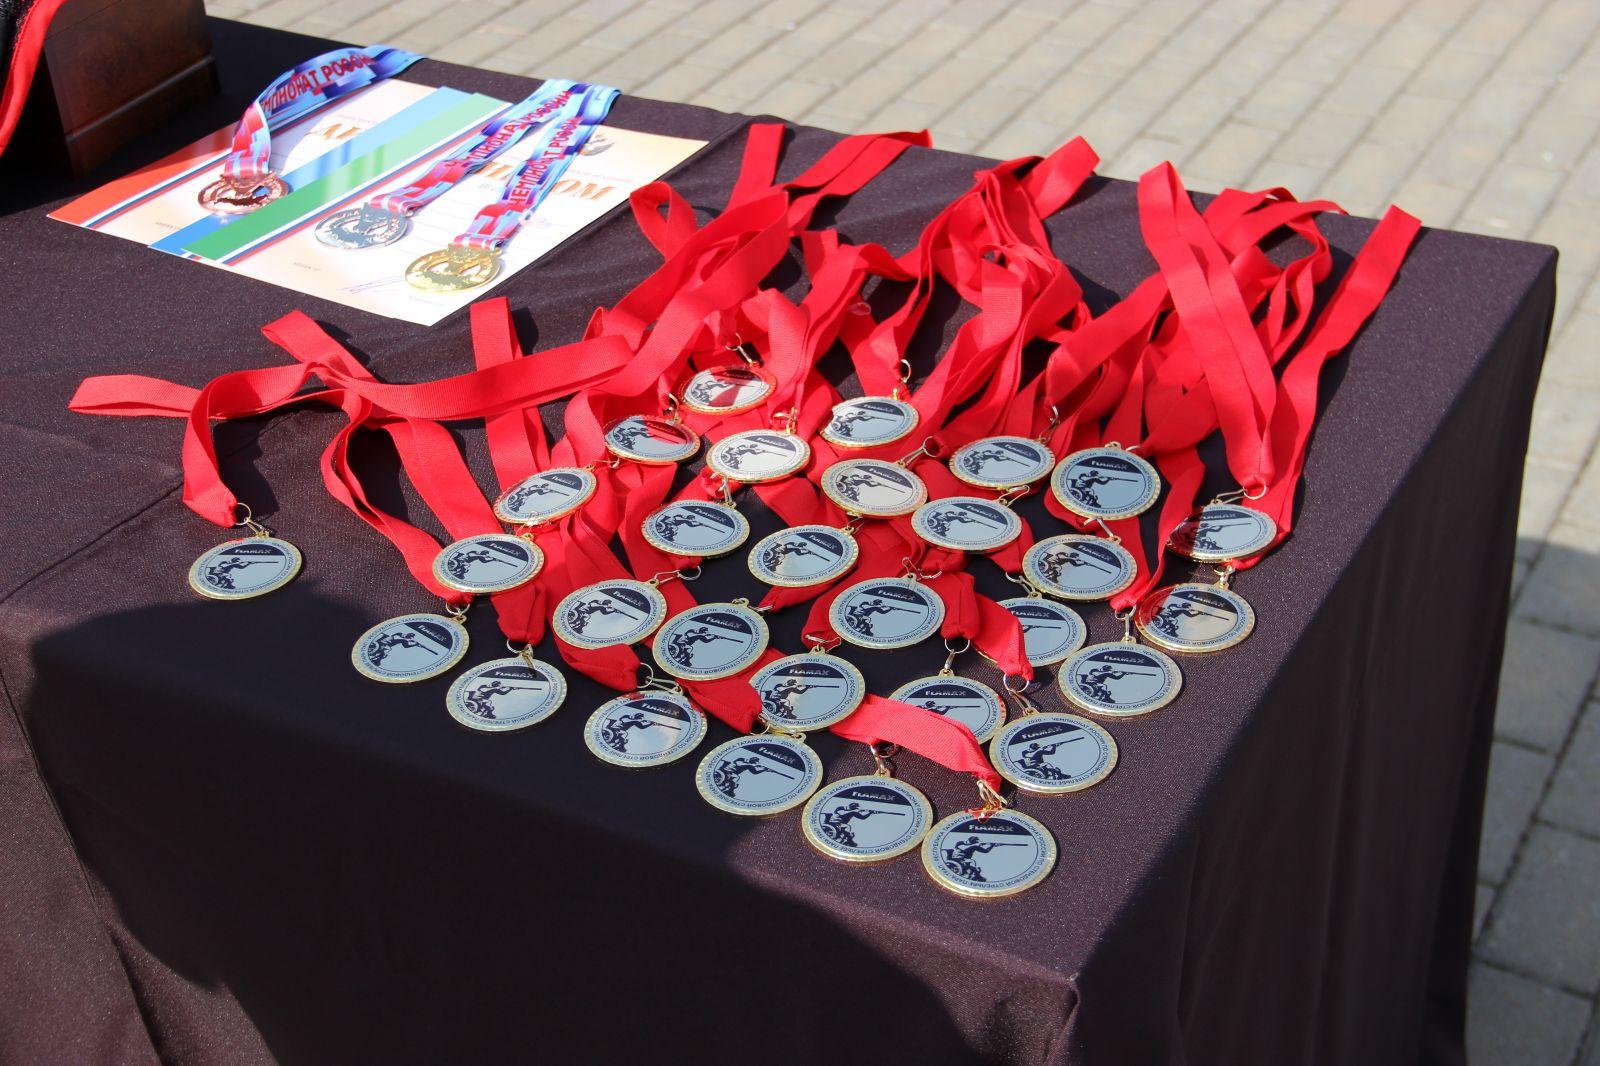 Определены победители первого чемпионата России по стендовой стрельбе в дисциплине пара-трап